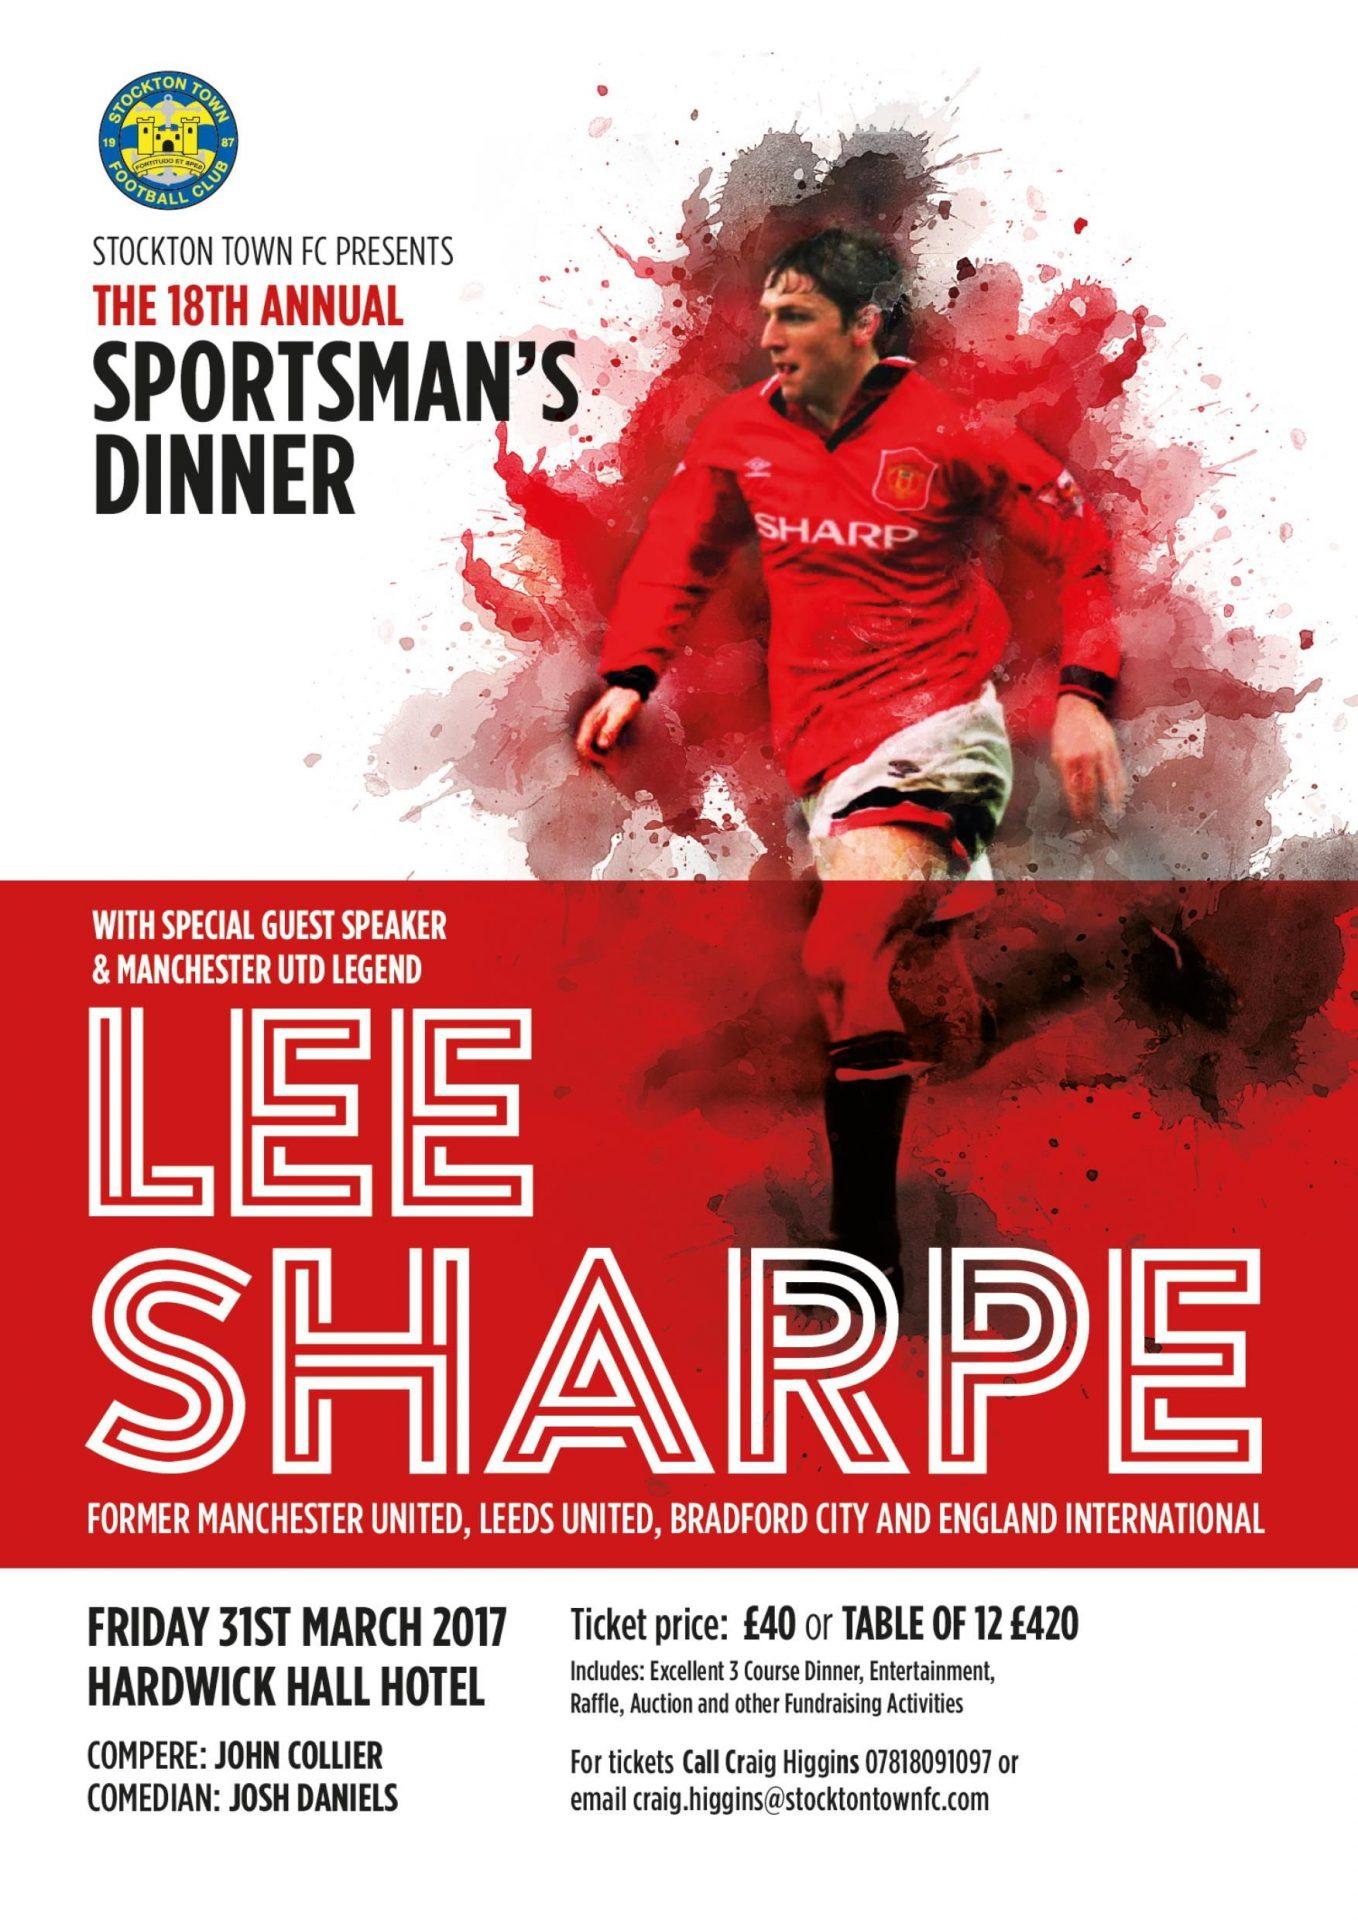 Lee-Sharpe-2017